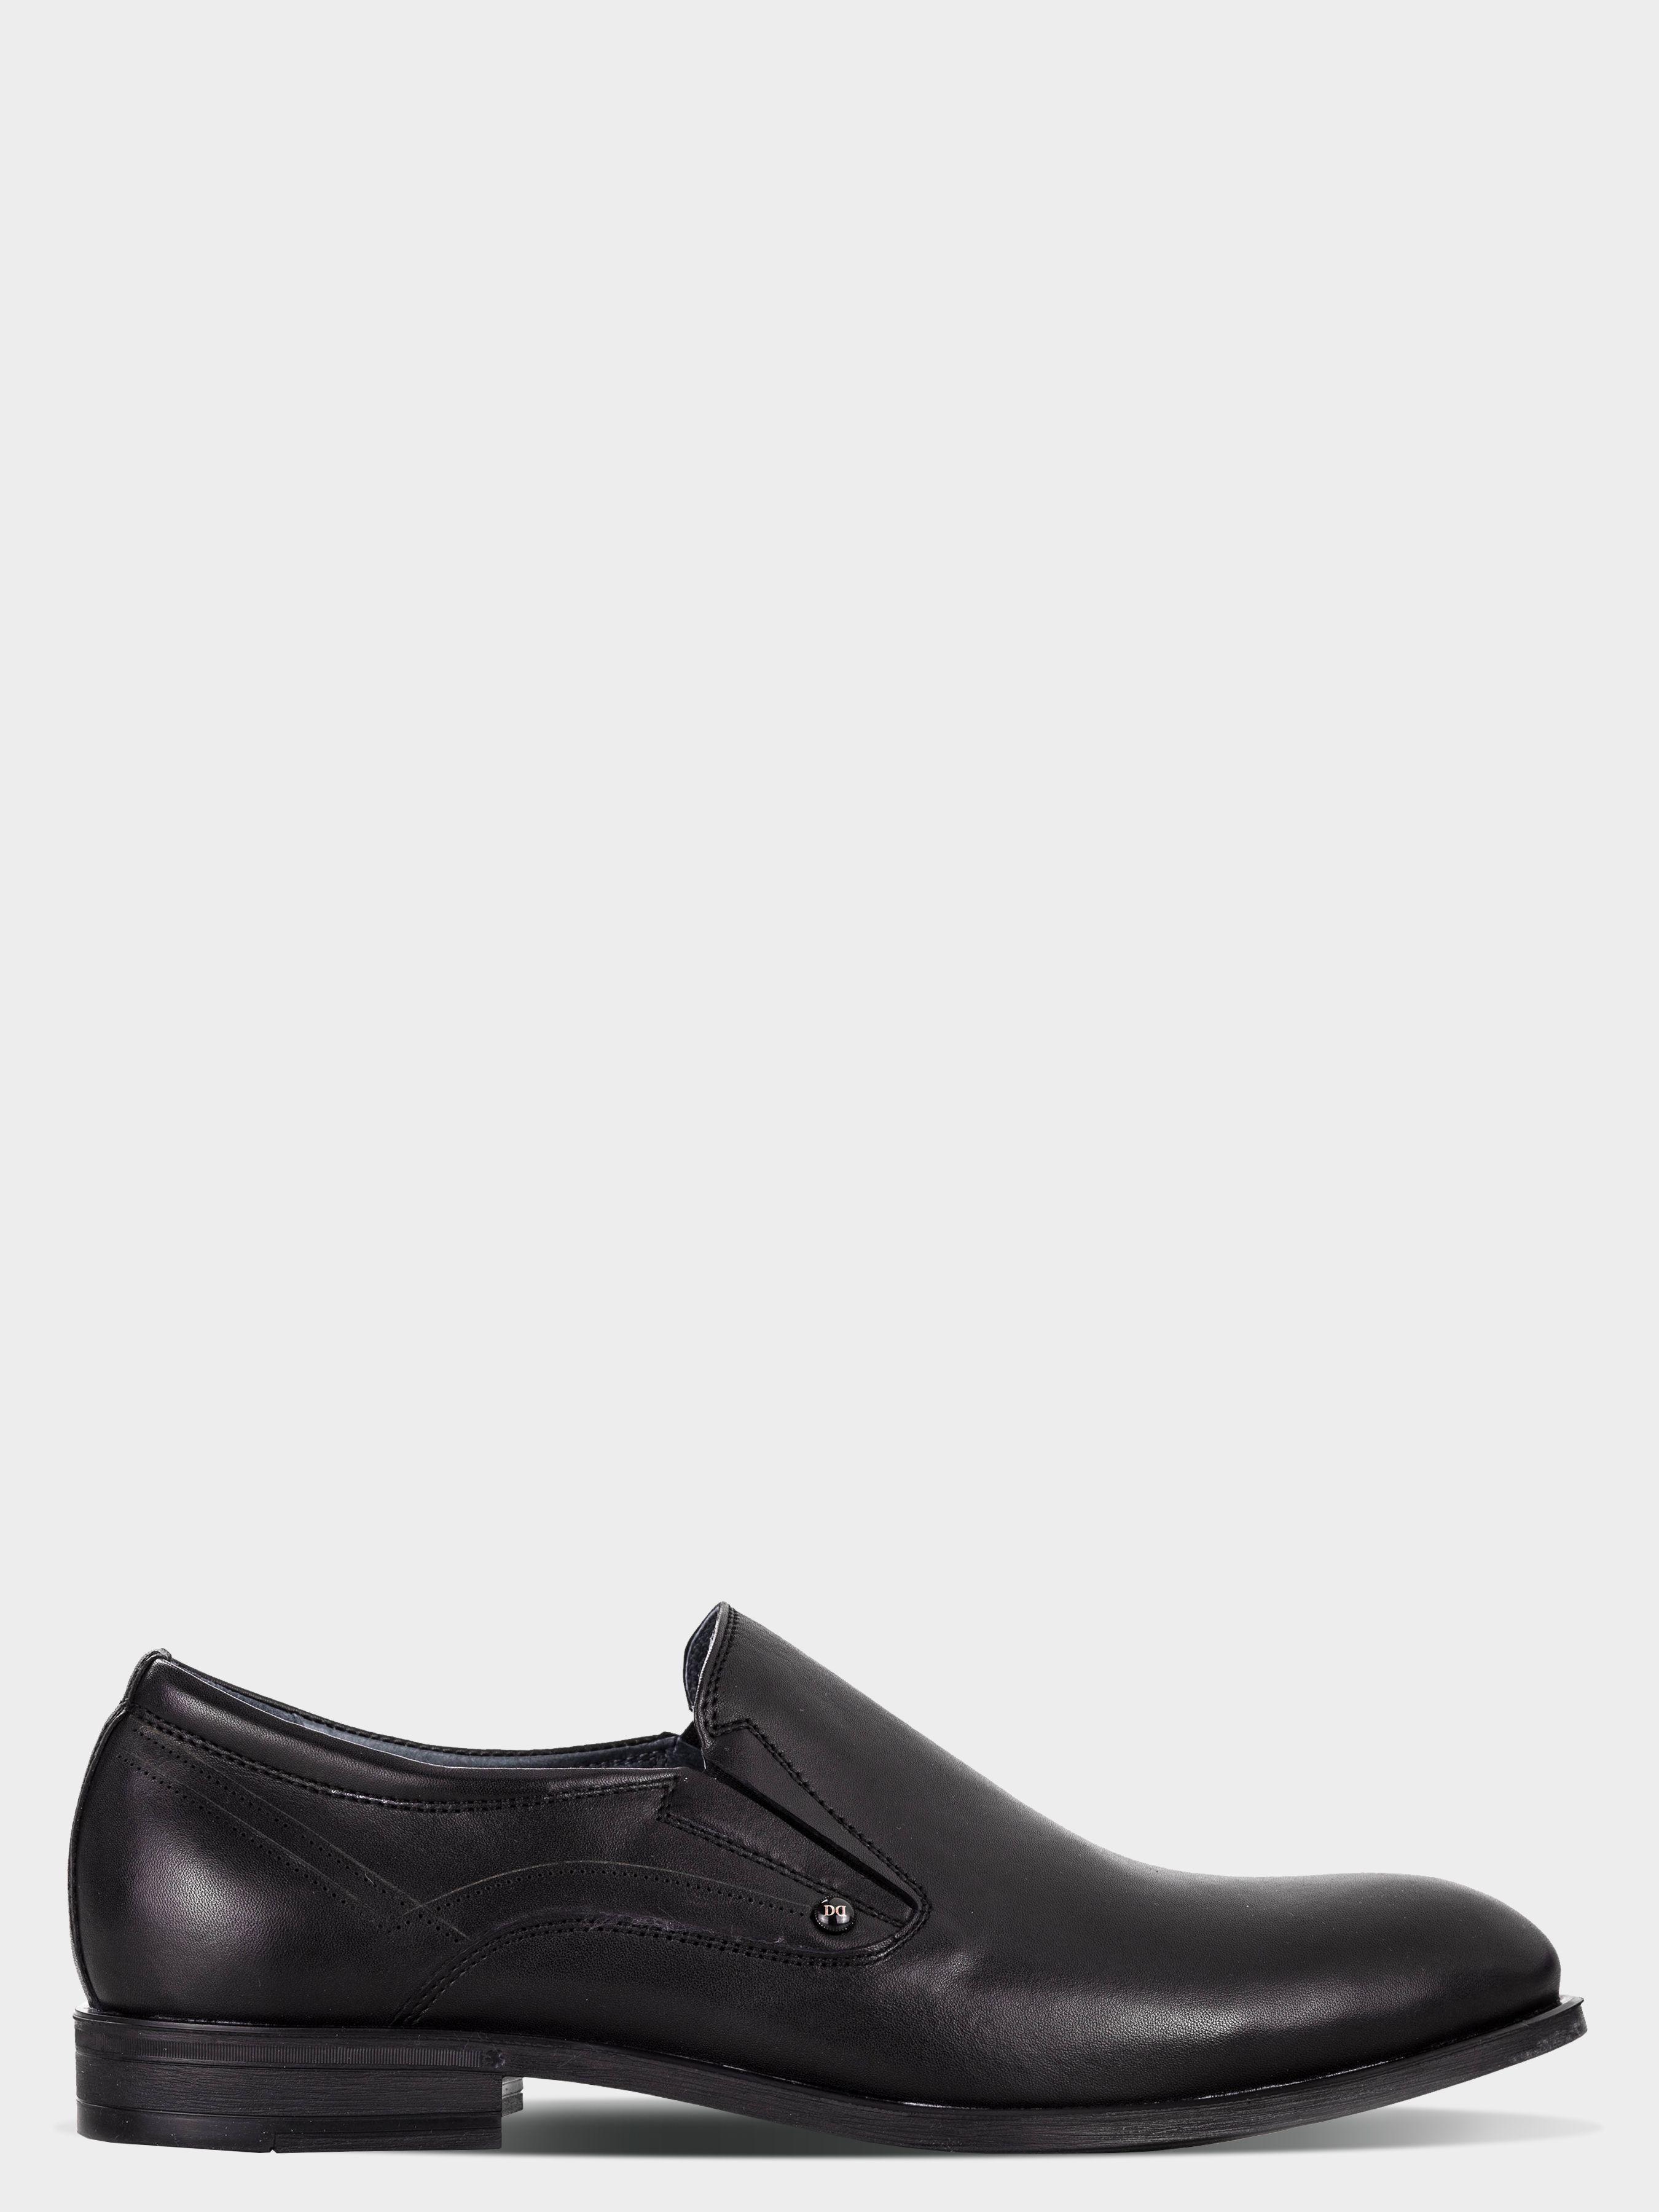 Полуботинки для мужчин Davis dynamic shoes 9O48 смотреть, 2017